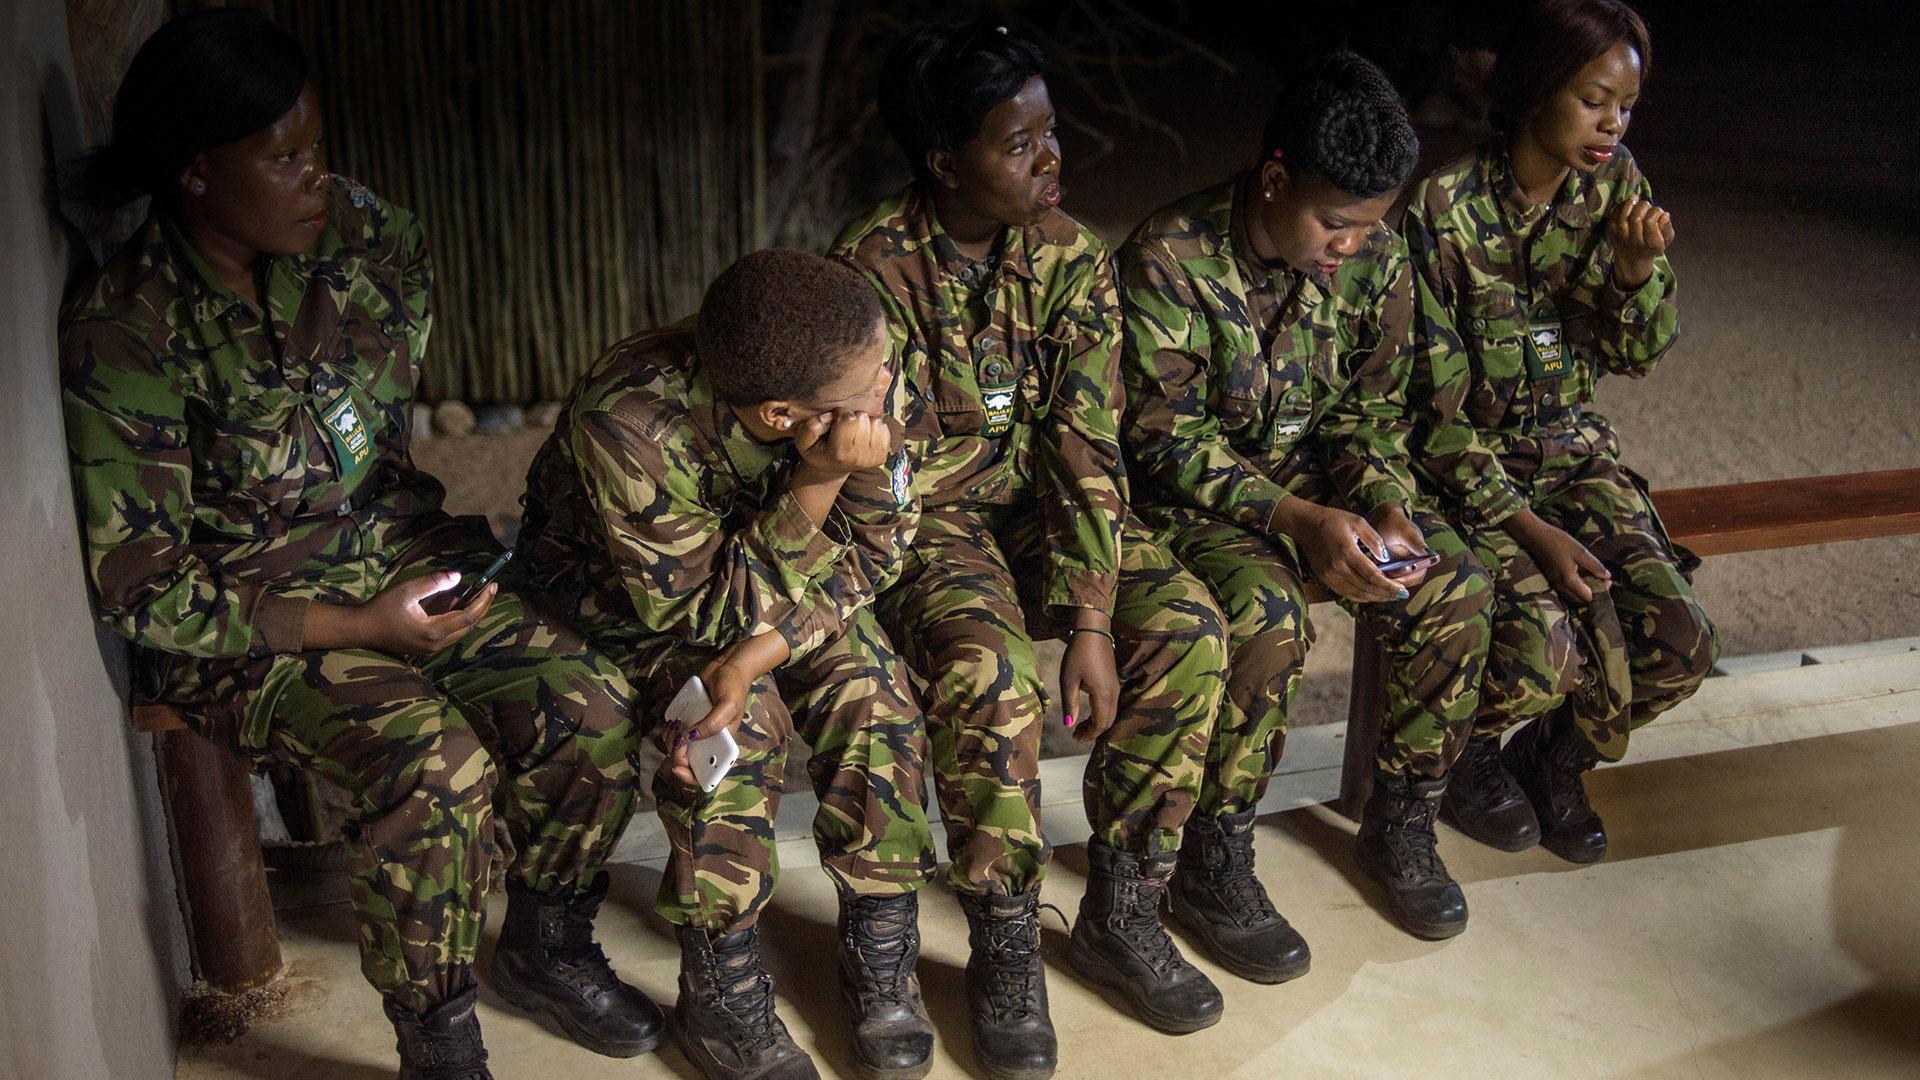 Las mujerestoman turnos de hasta 21 días corridos de patrulla (AFP)